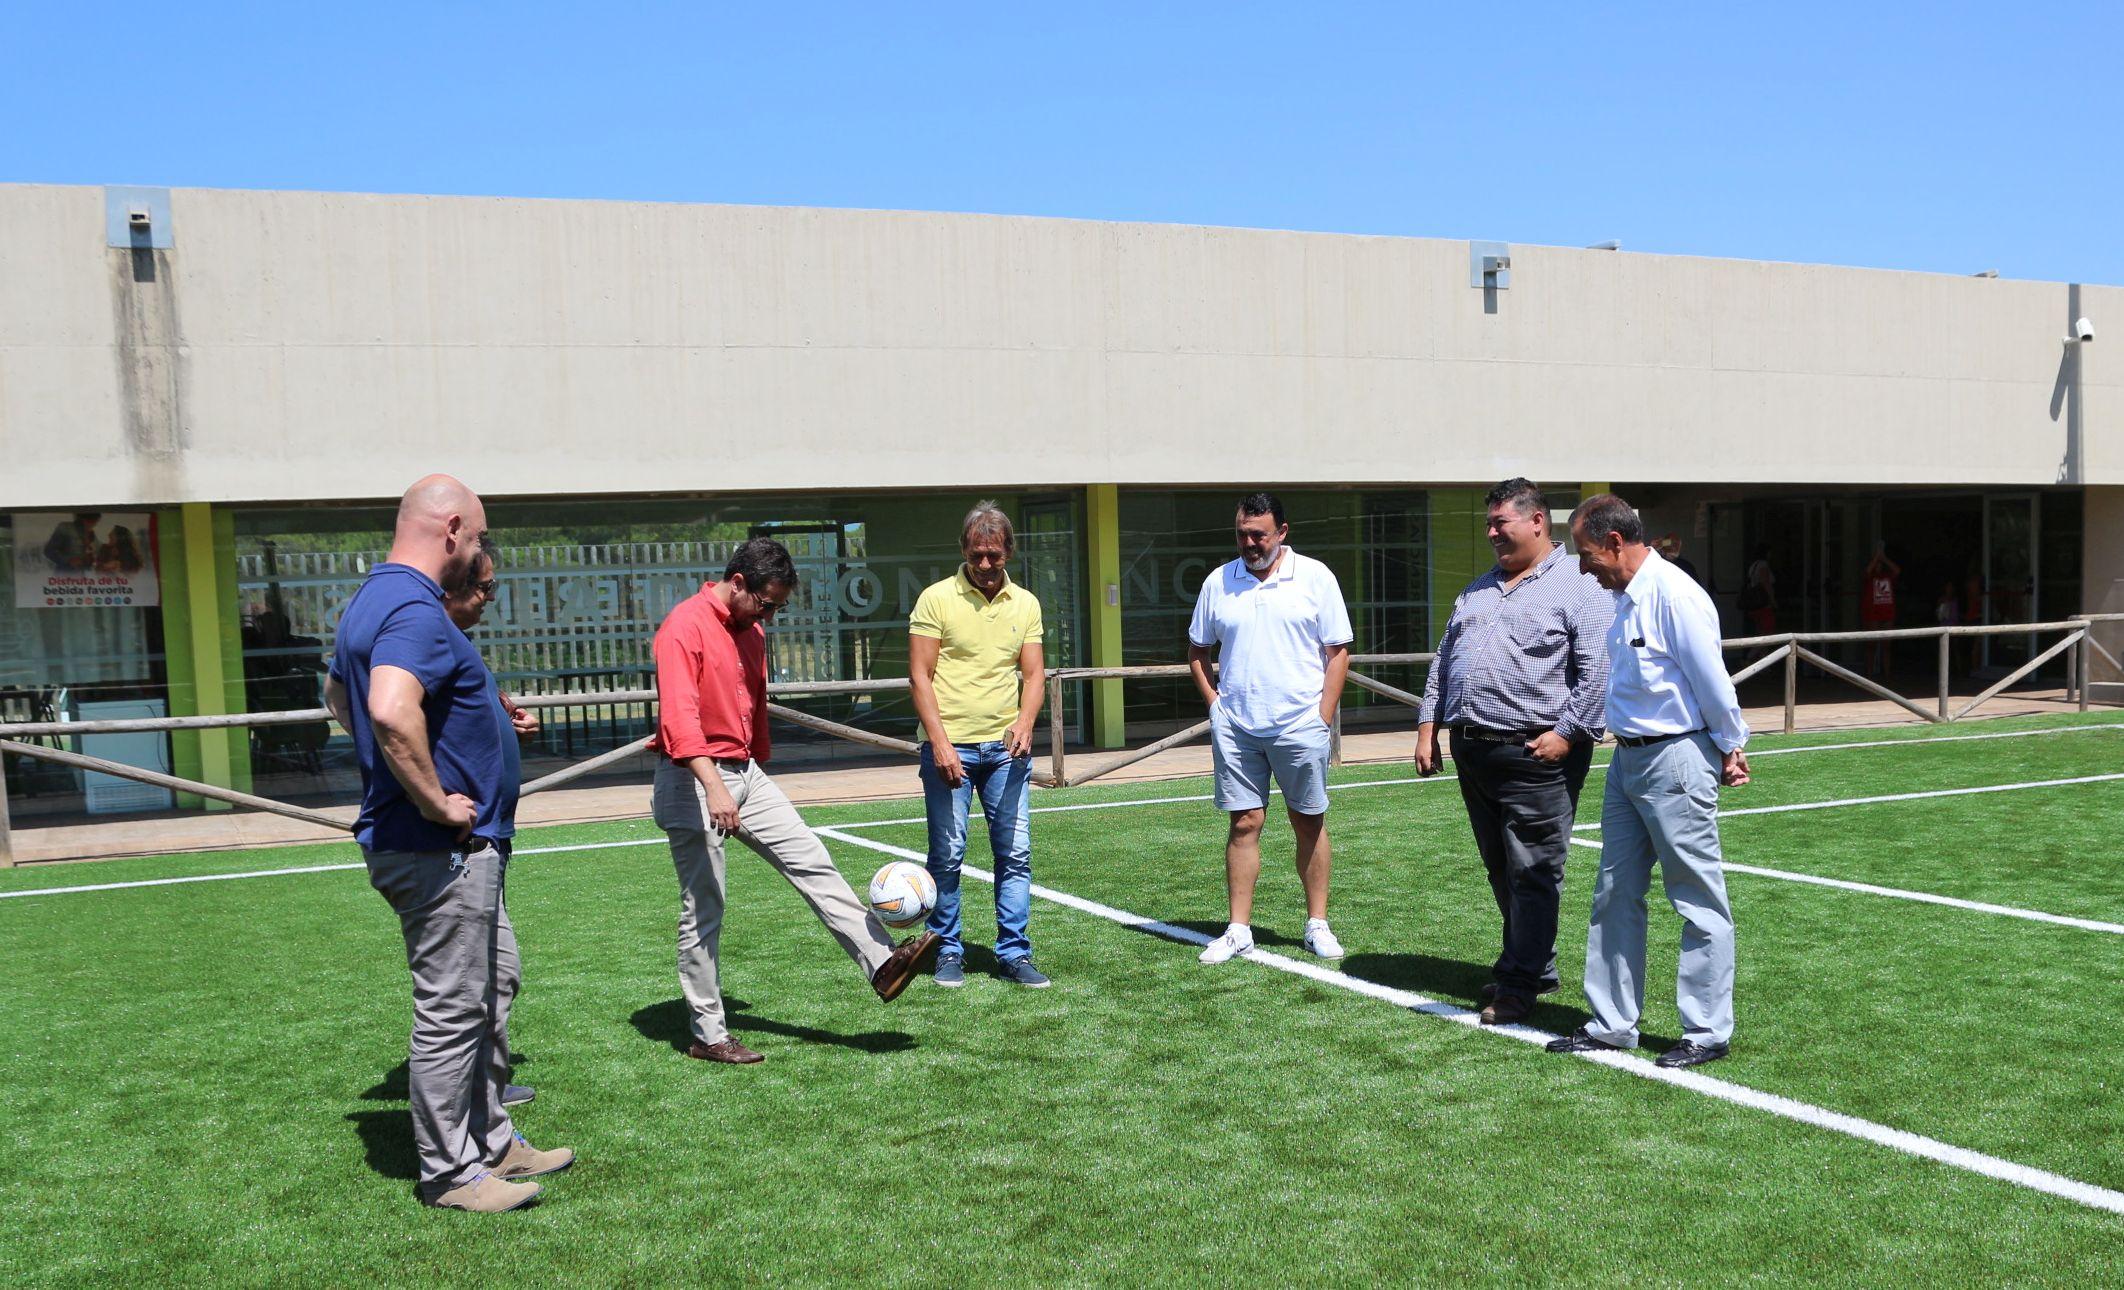 El alcalde y el delegado de Deportes, junto a varias personas más, en el campo de fútbol siete de Costa Sancti Petri.